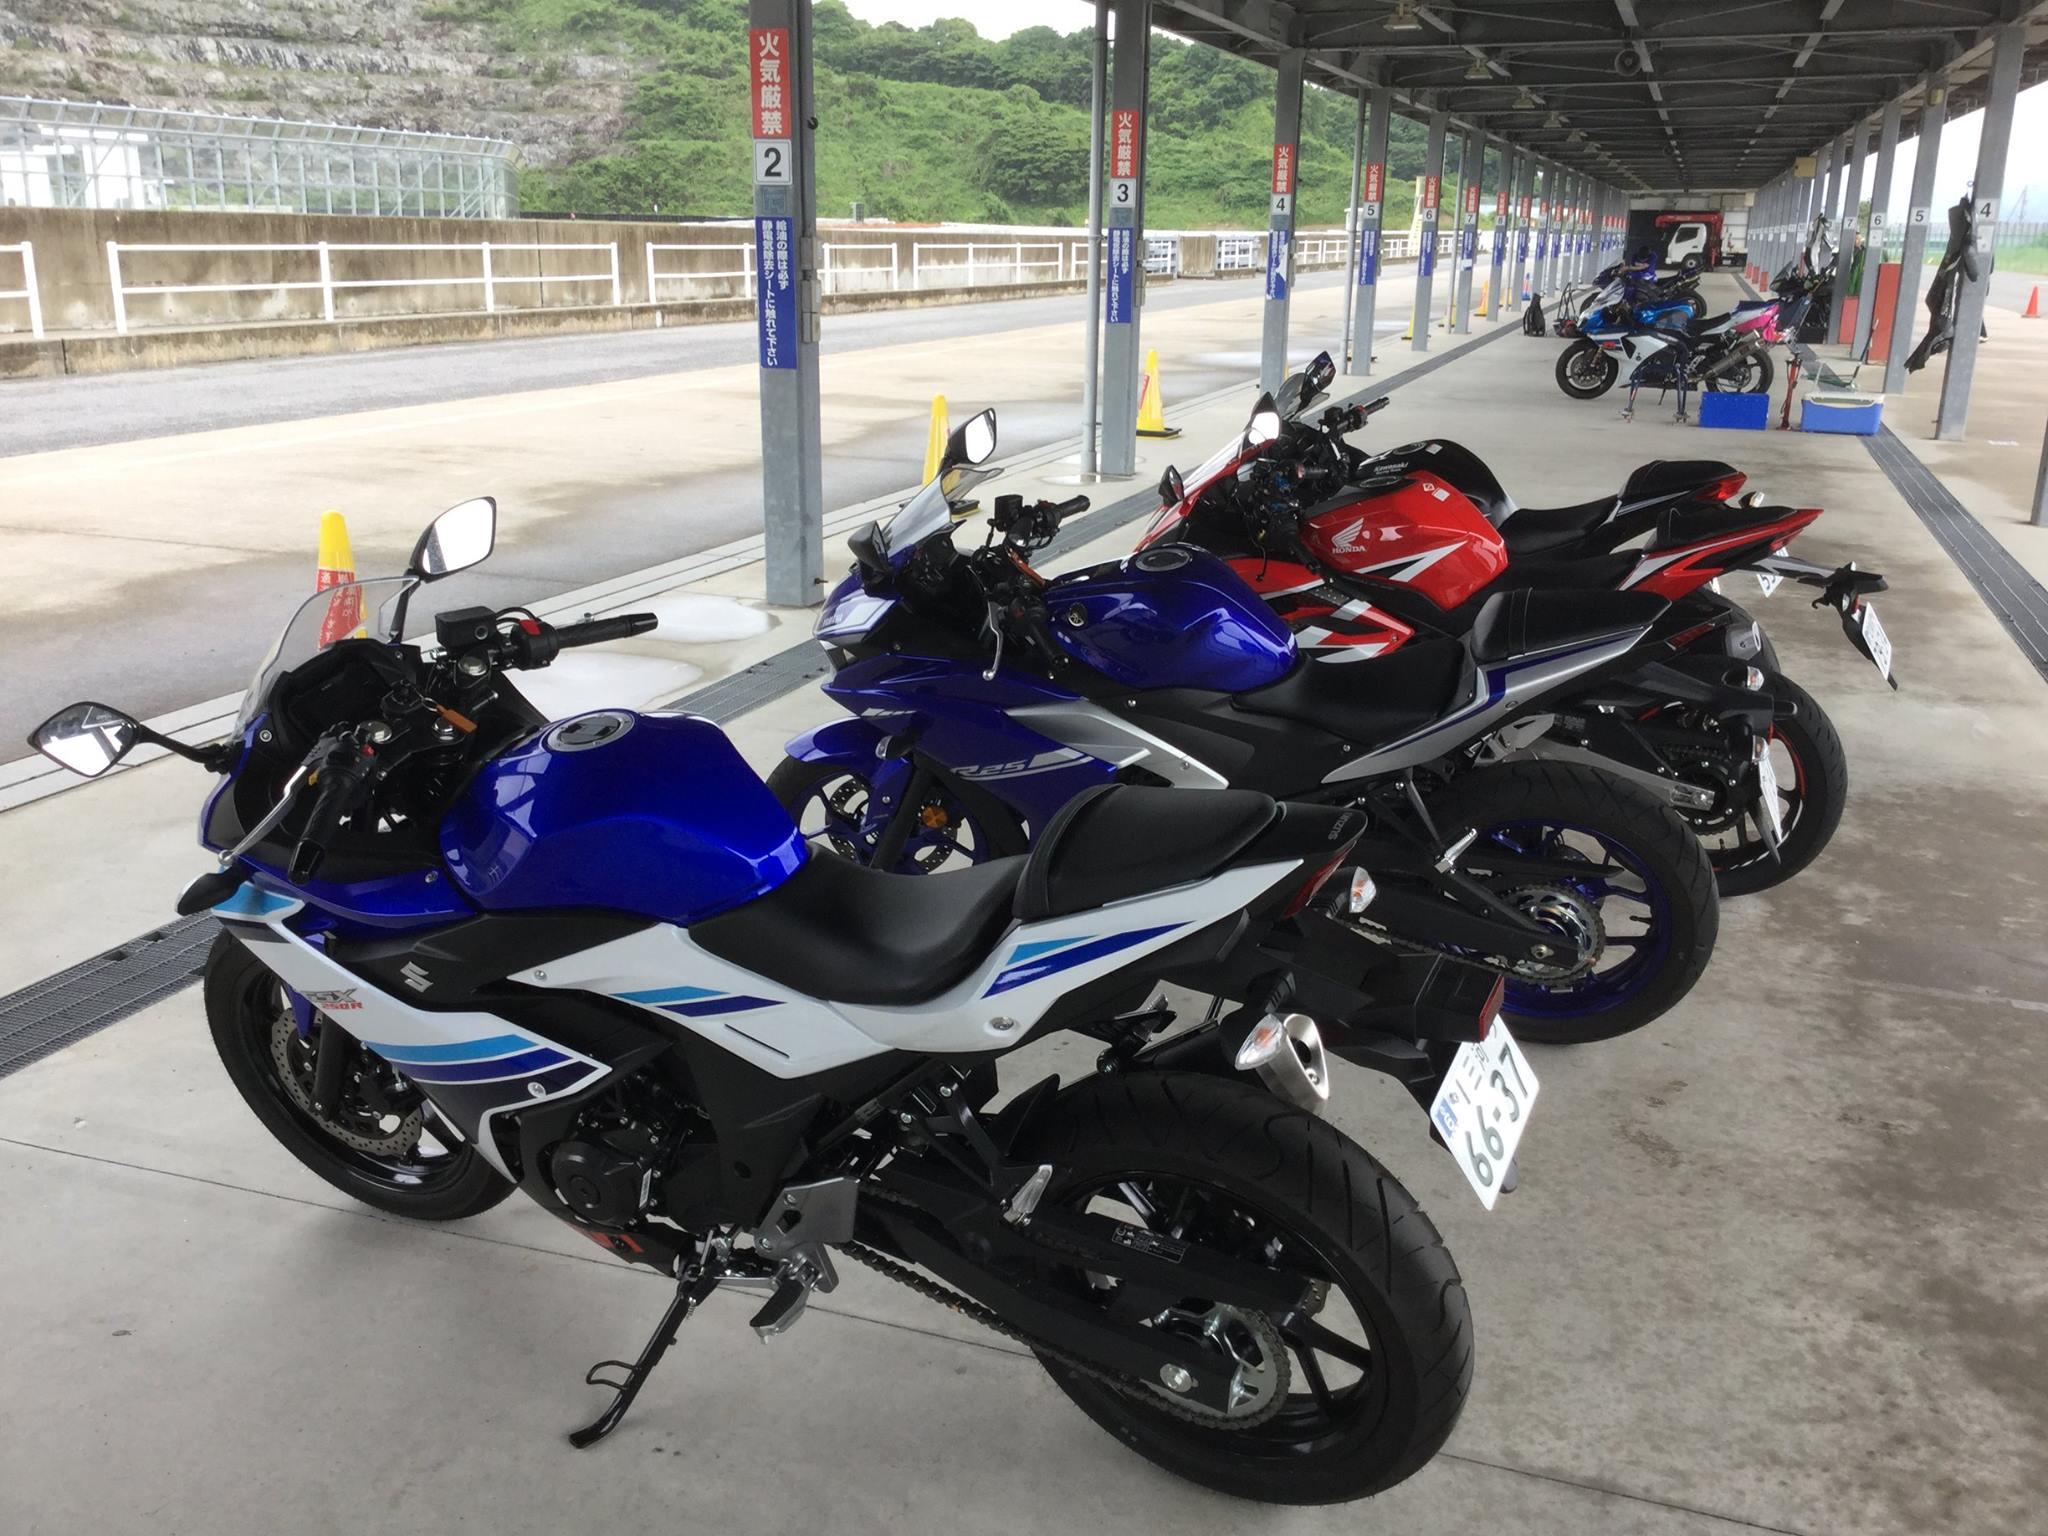 GSX-R250, R25, CBR250RR, Ninja 250